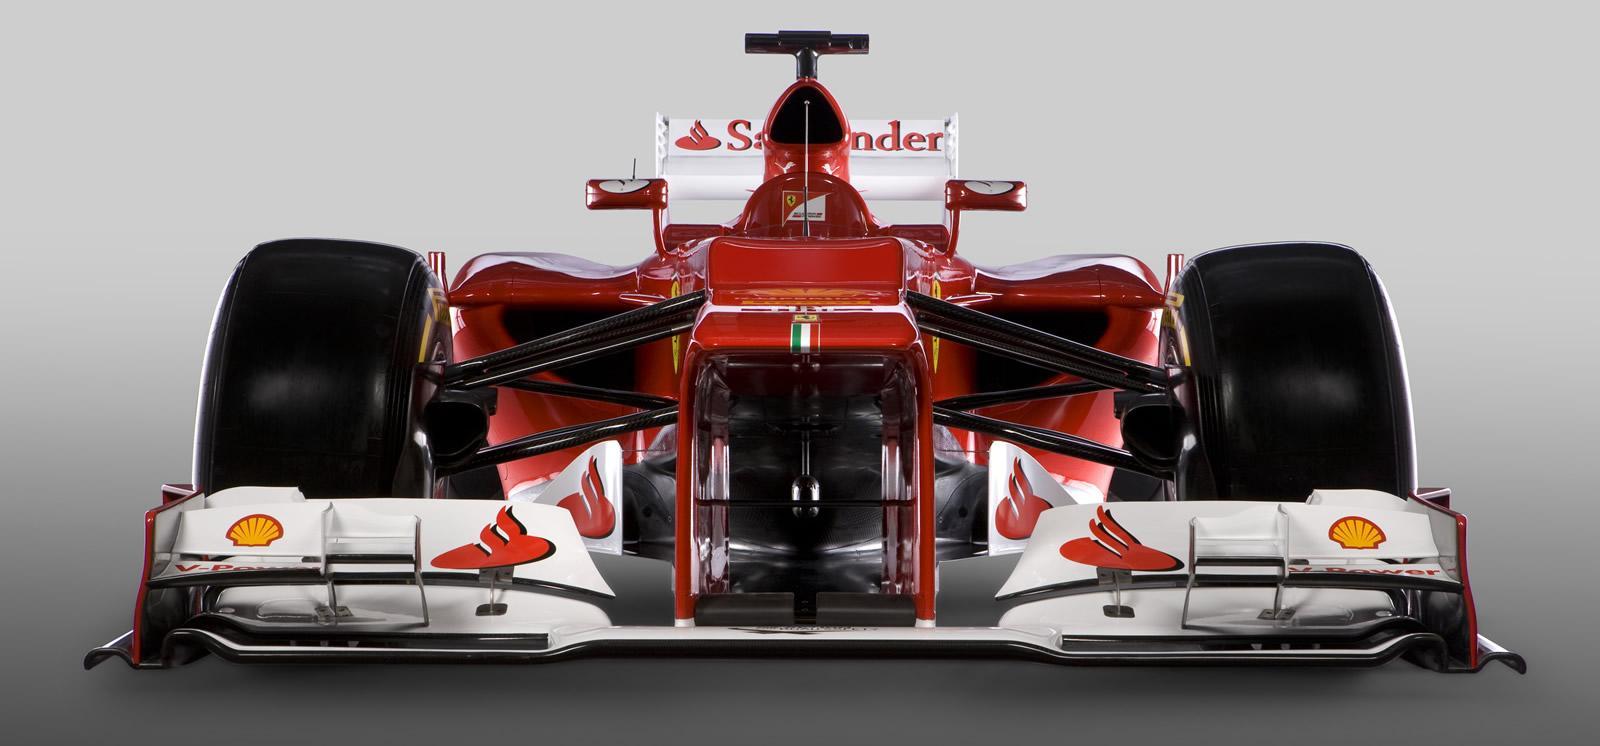 2012 F1 Season Ferrari F2012 Picture 64150